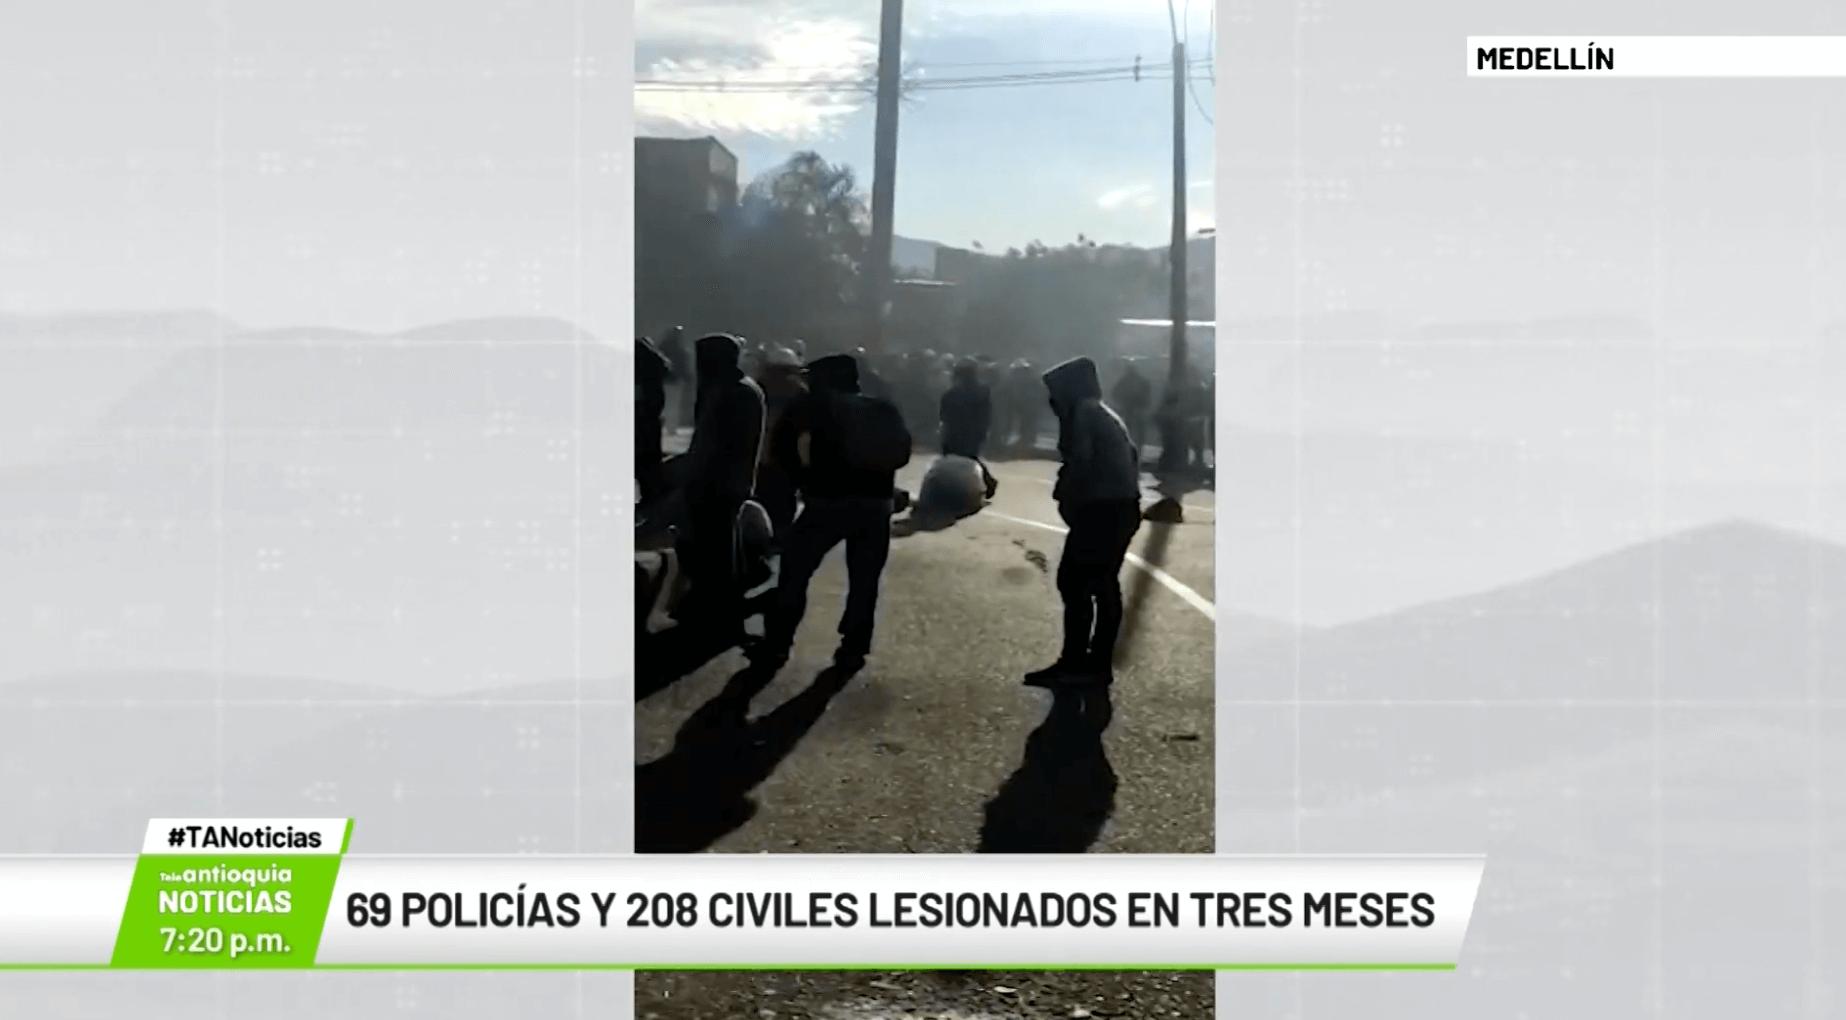 69 policías y 208 civiles lesionados en tres meses